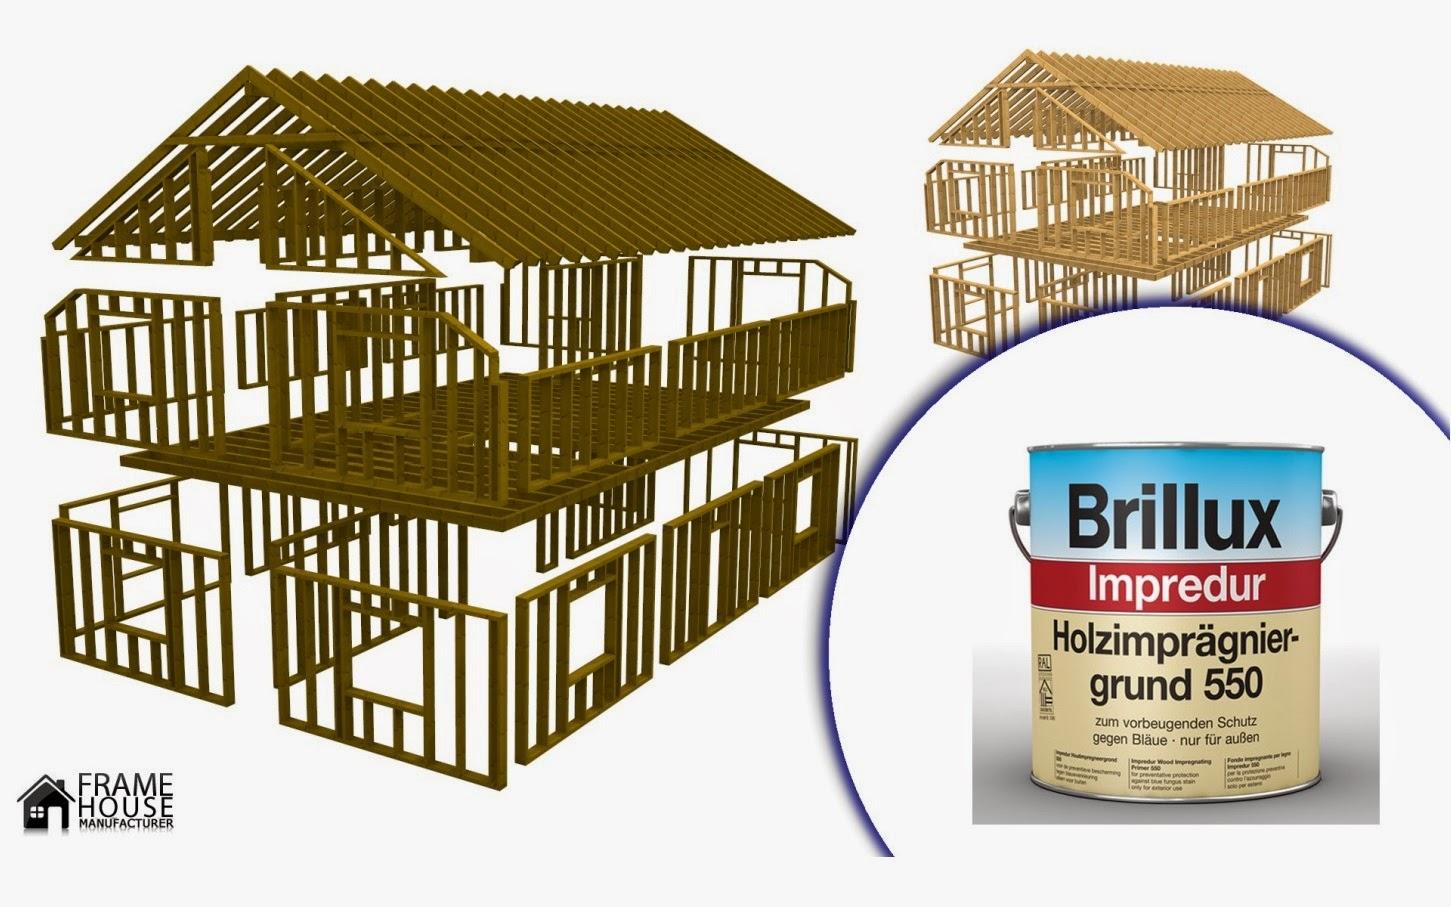 frame house d partement francophone pourquoi il faut traiter le bois s il est bien s ch. Black Bedroom Furniture Sets. Home Design Ideas